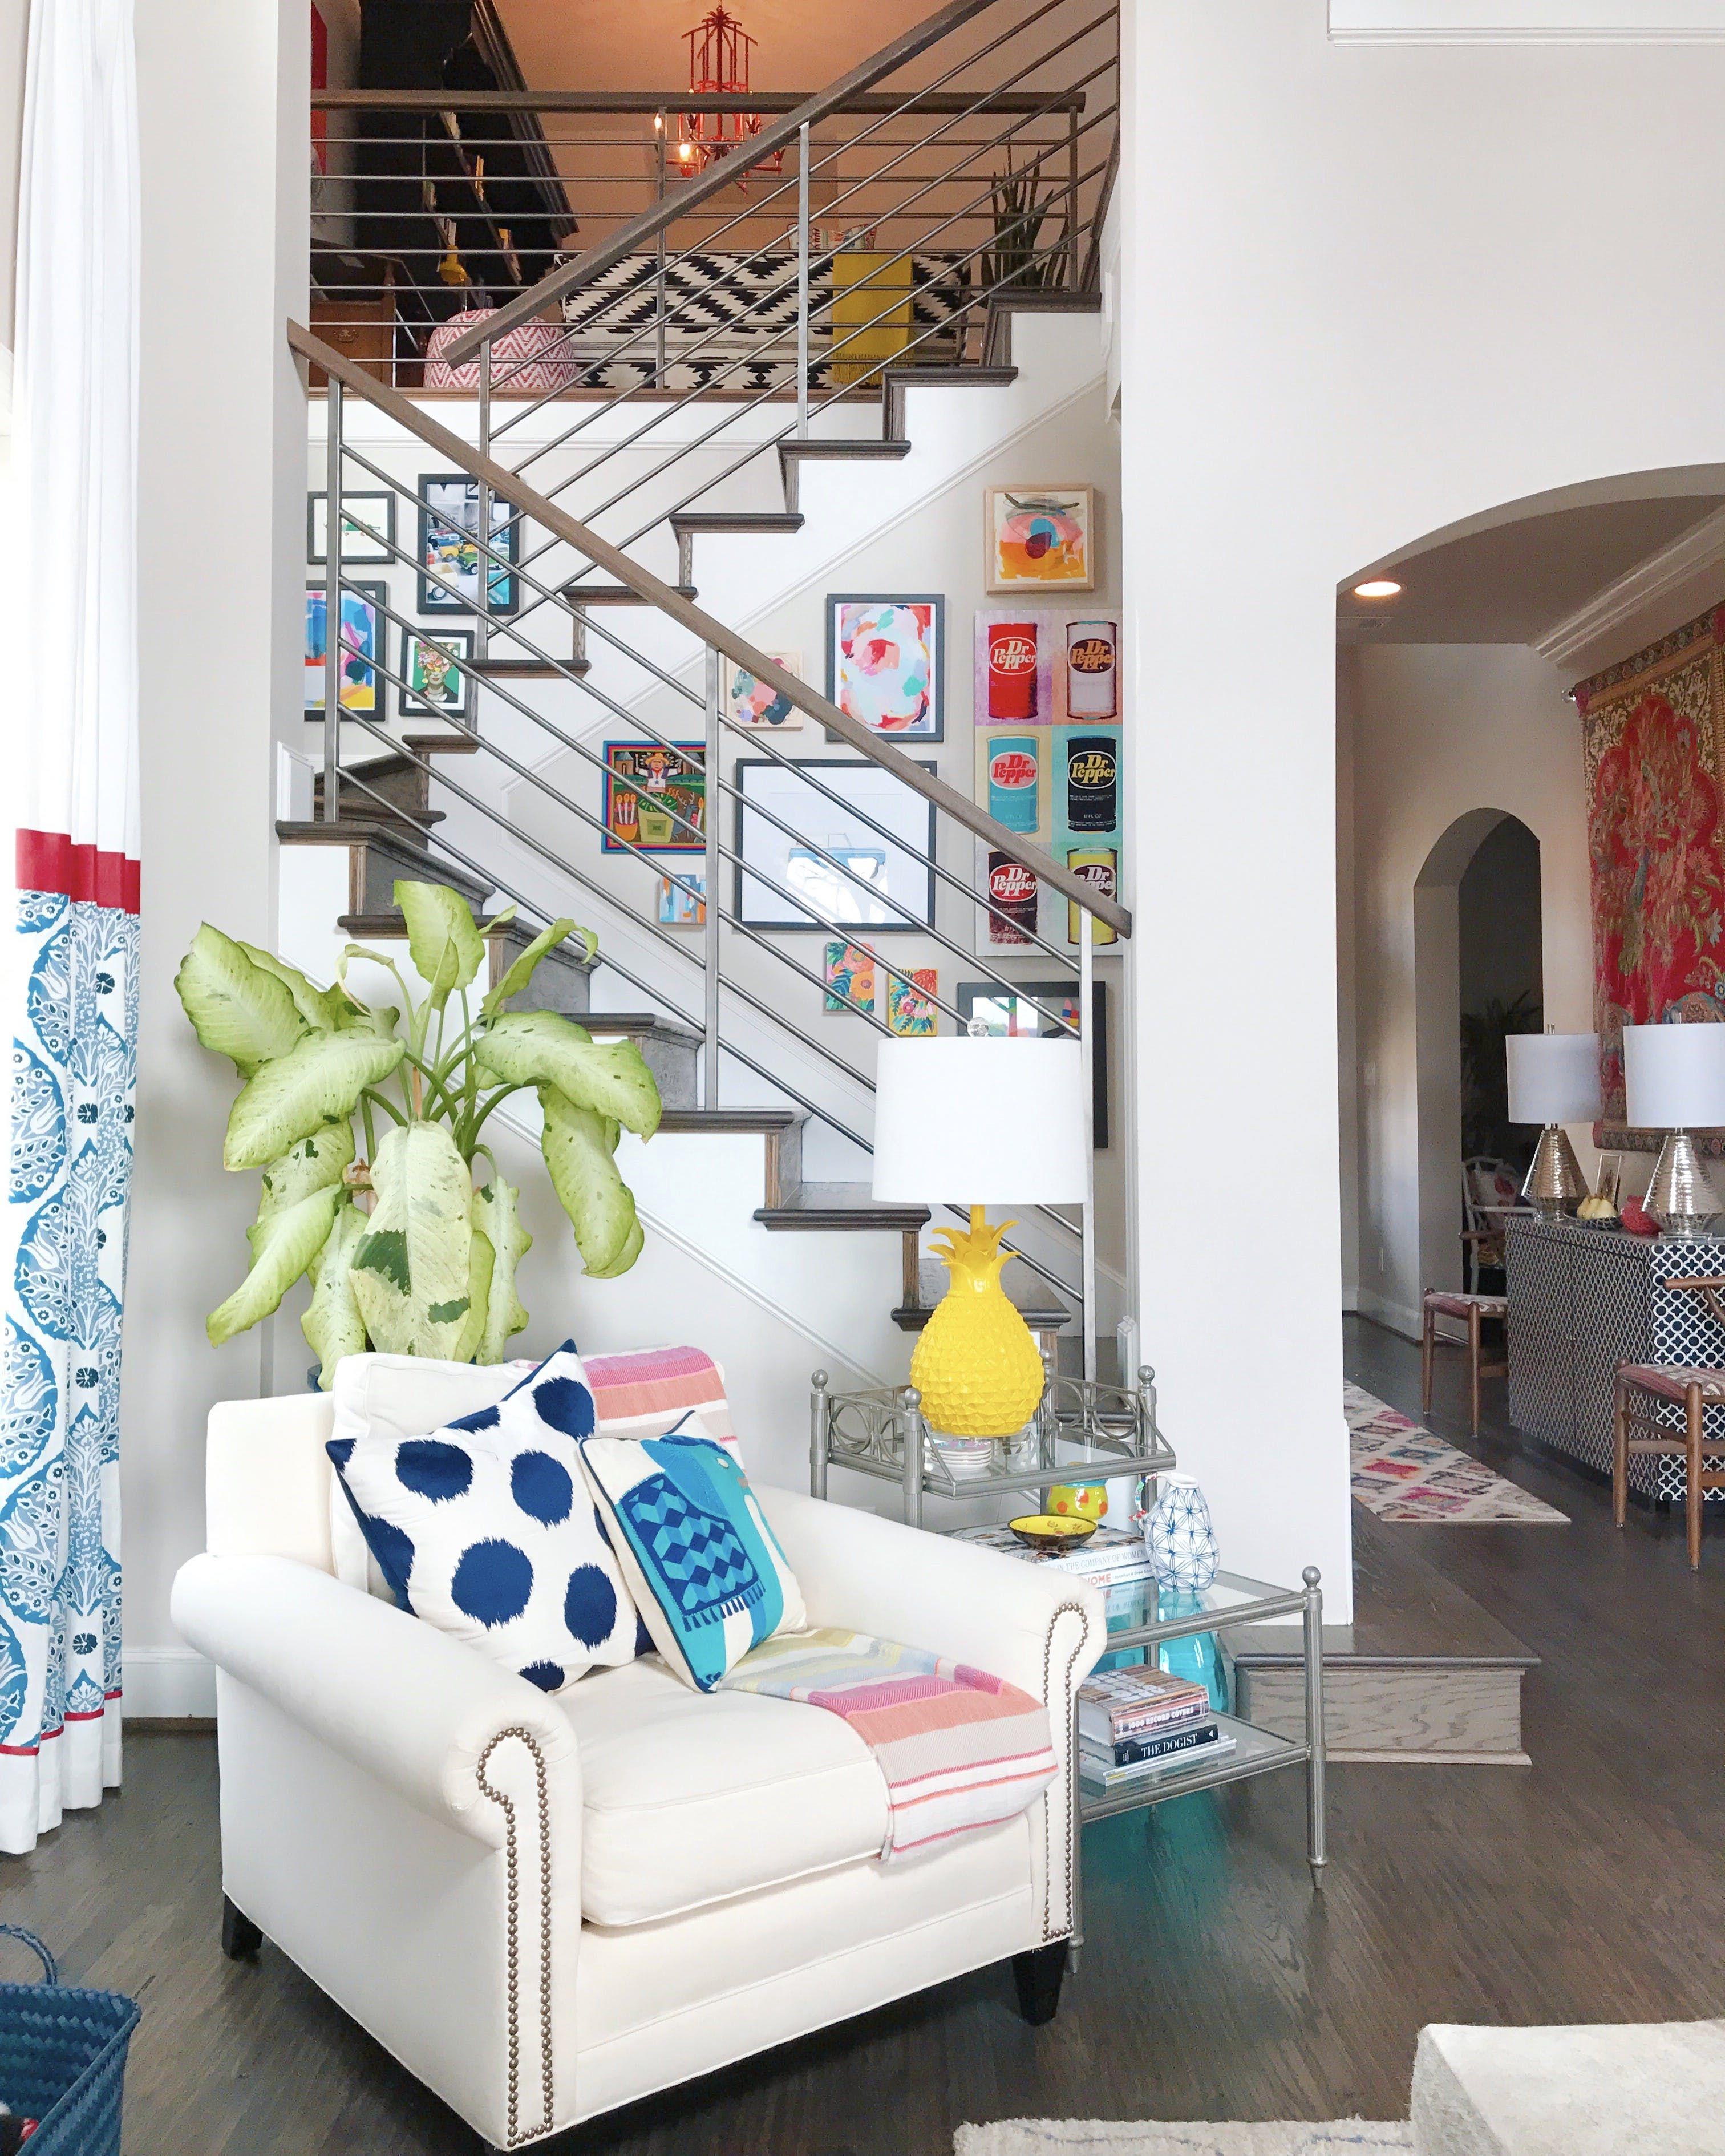 Casa con colores de primavera y trucos para copiarla